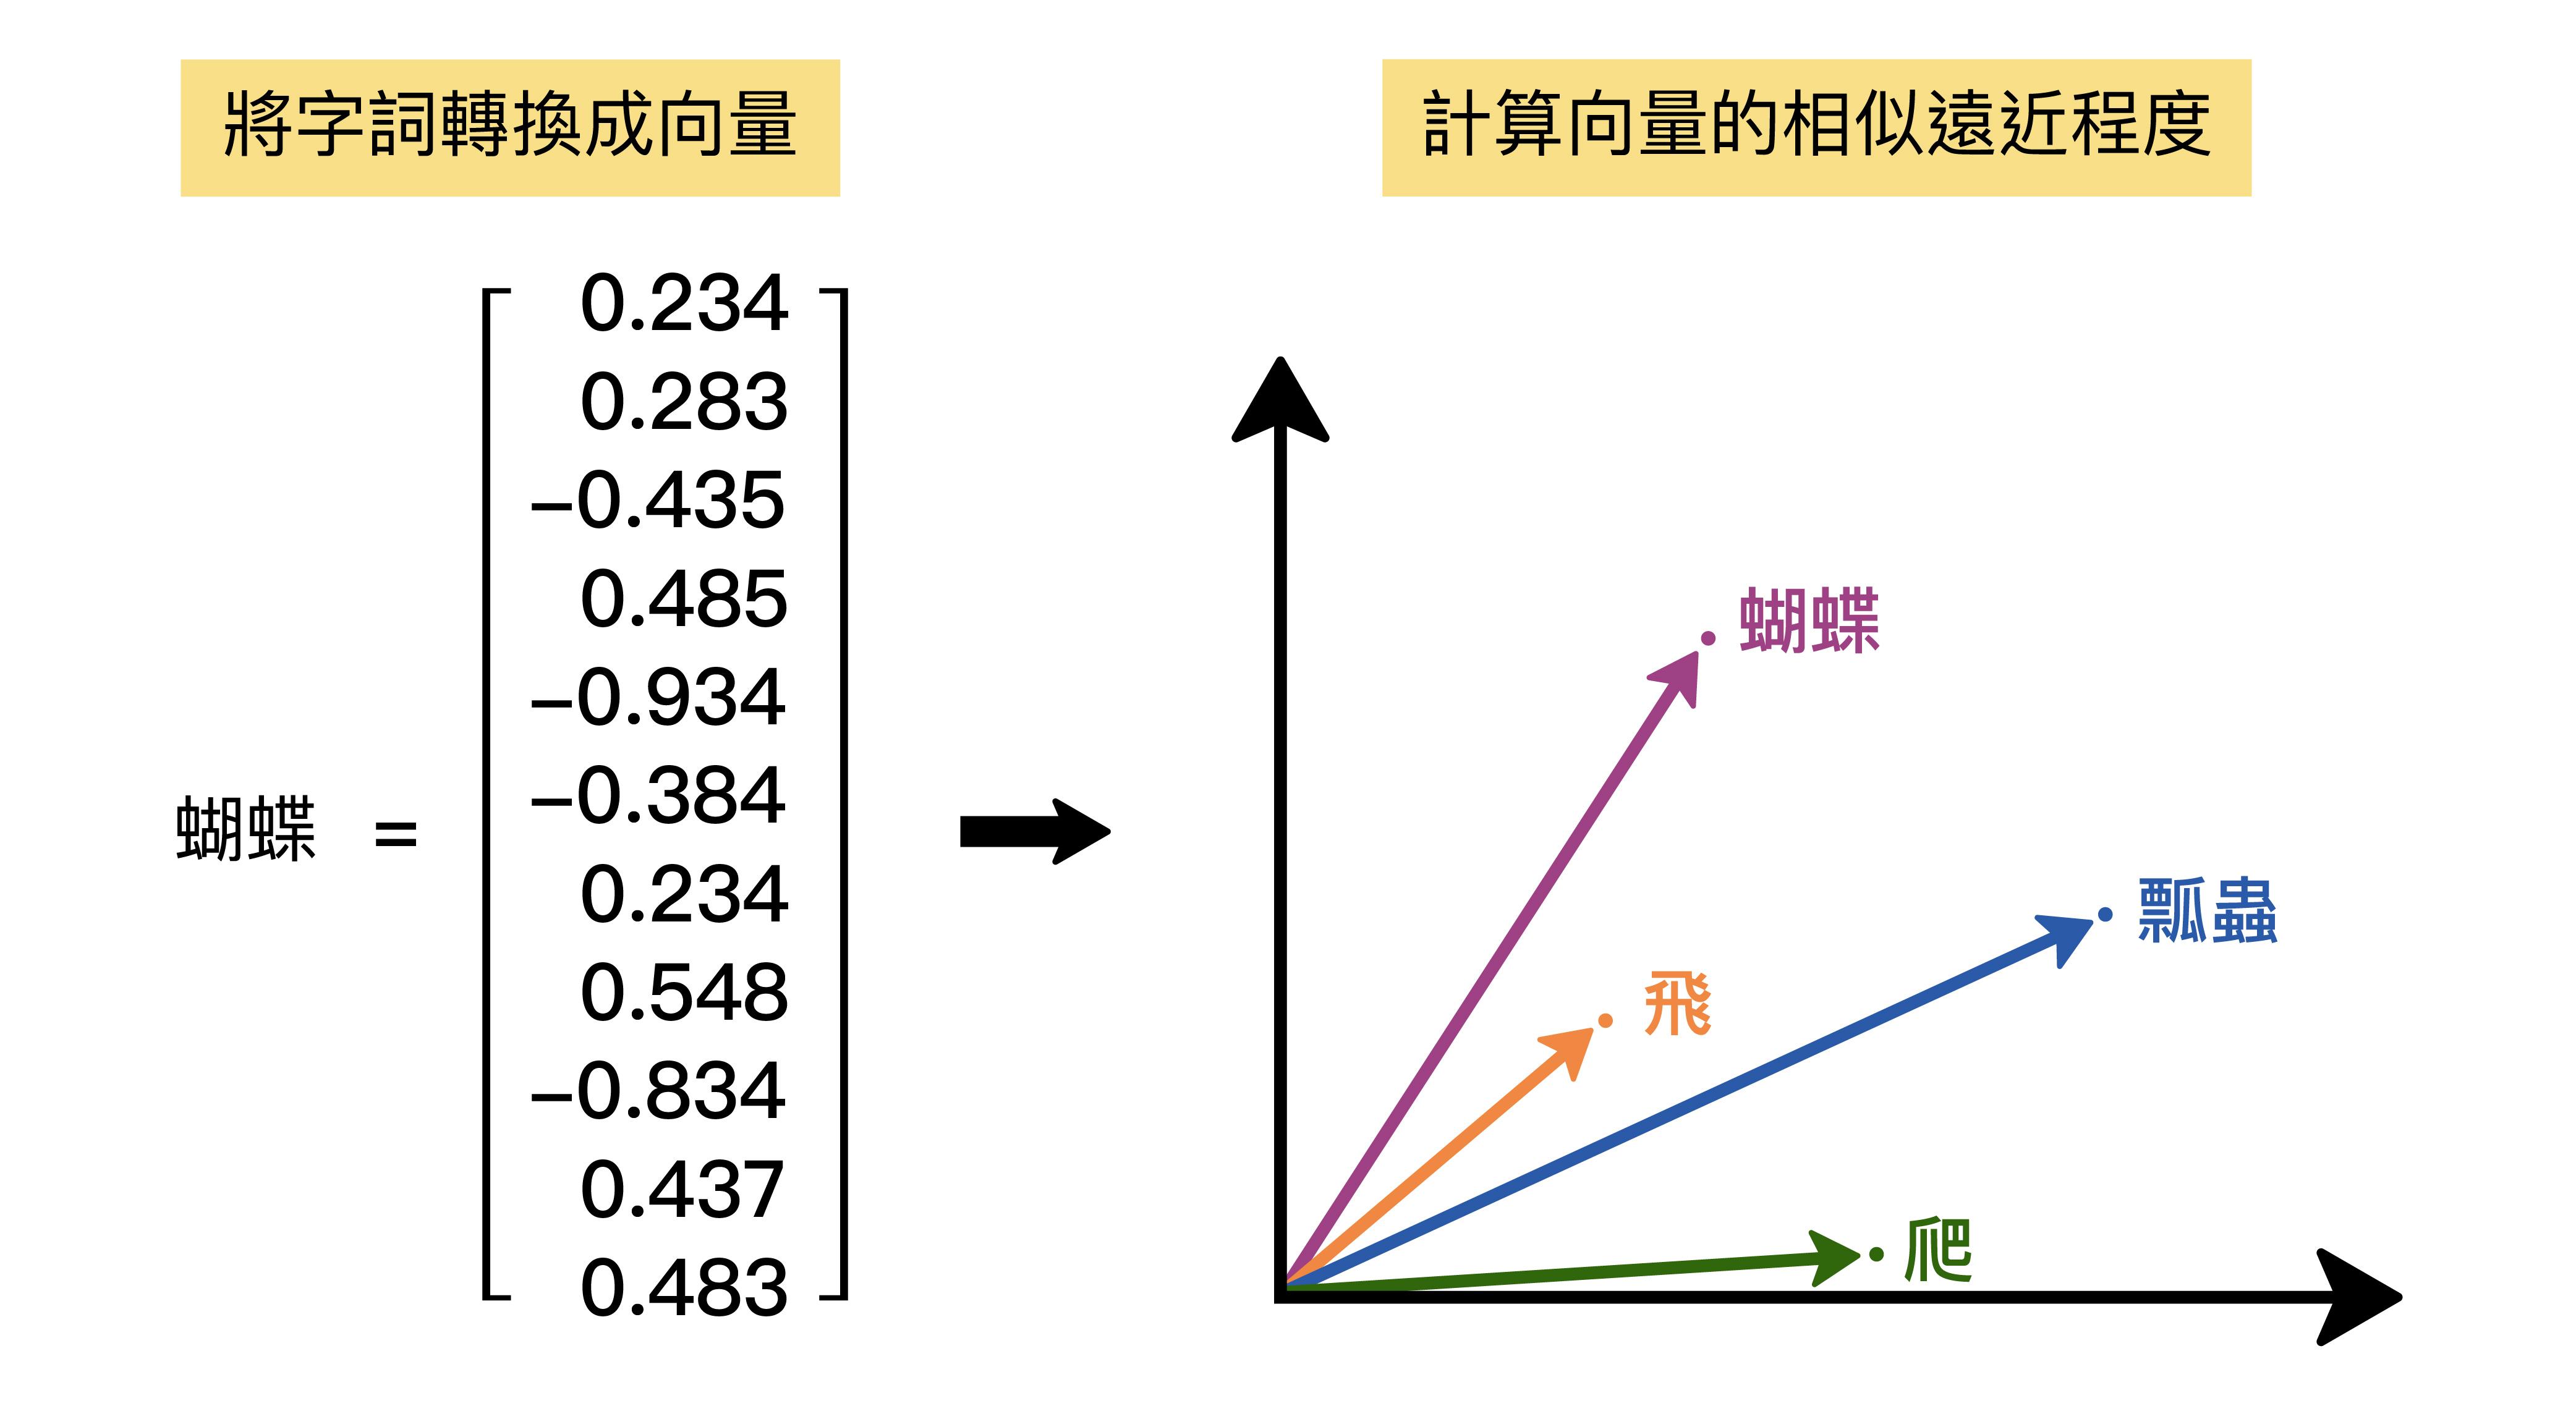 詞向量的概念。(其中的向量數字為舉例) 資料來源│馬偉雲 圖說重製│林婷嫻、張語辰